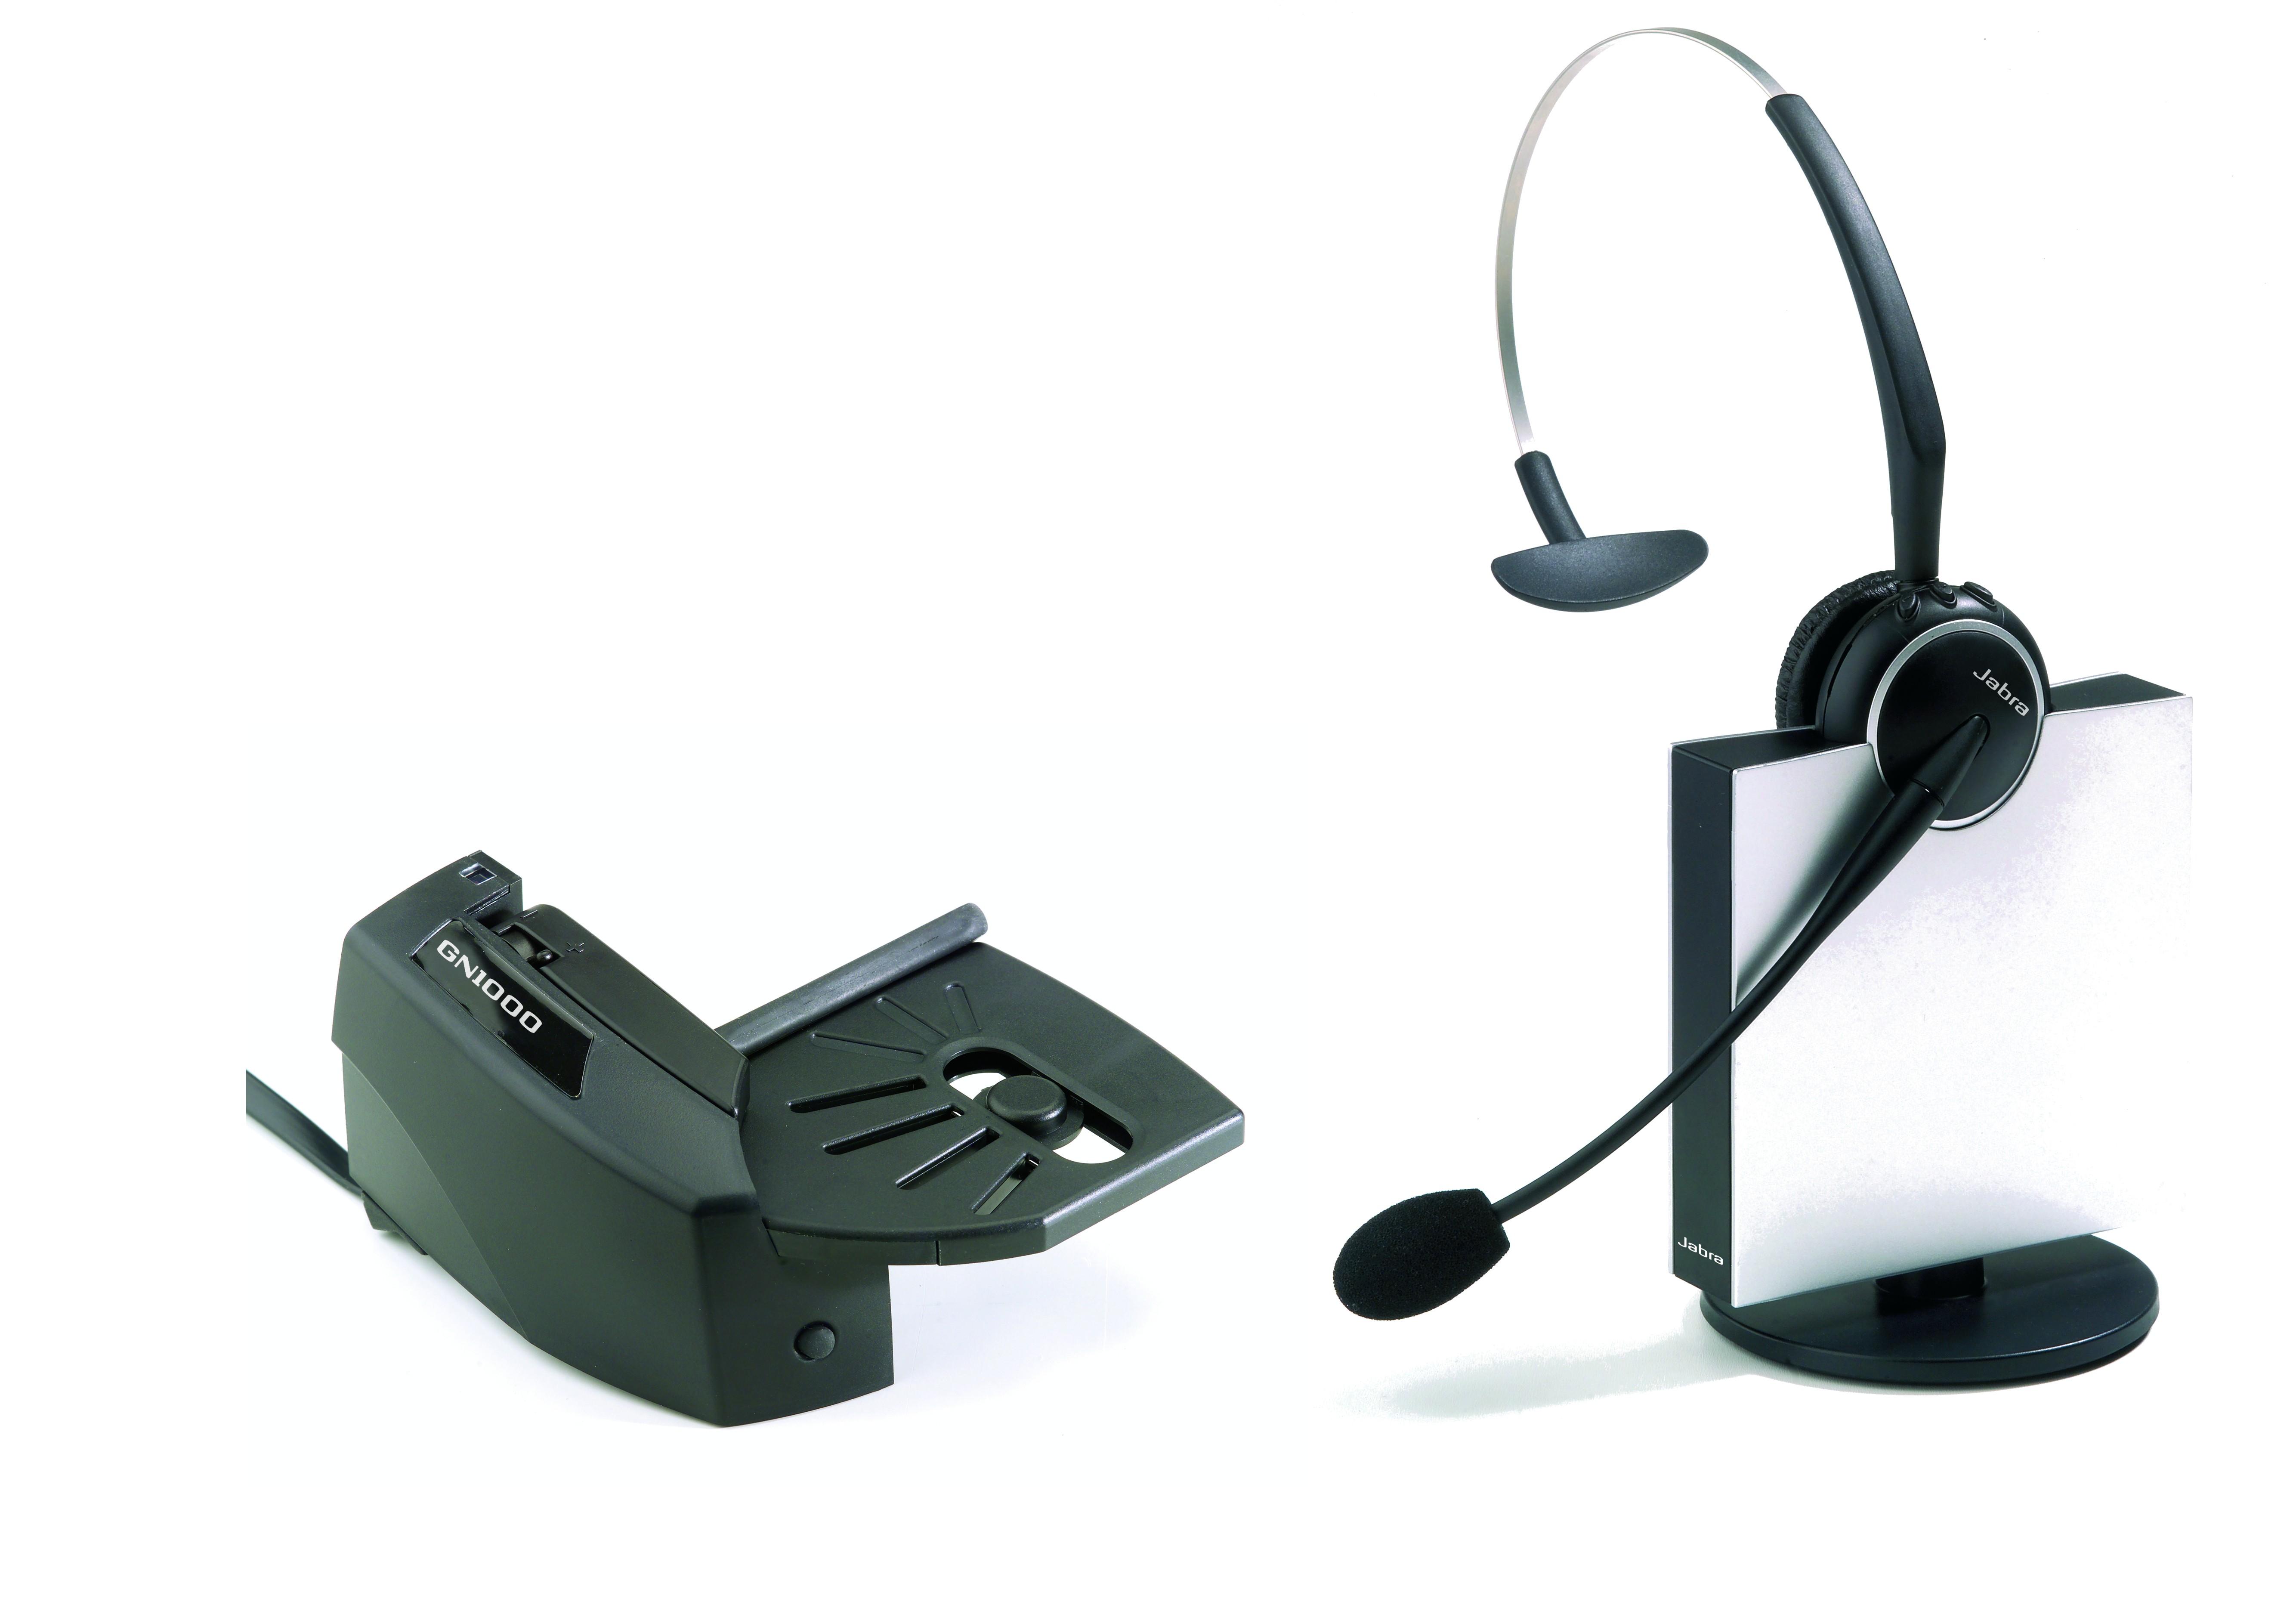 GN Netcom Jabra 9120 DECT Flex Boom & GN1000 Handset Lifter - A Grade